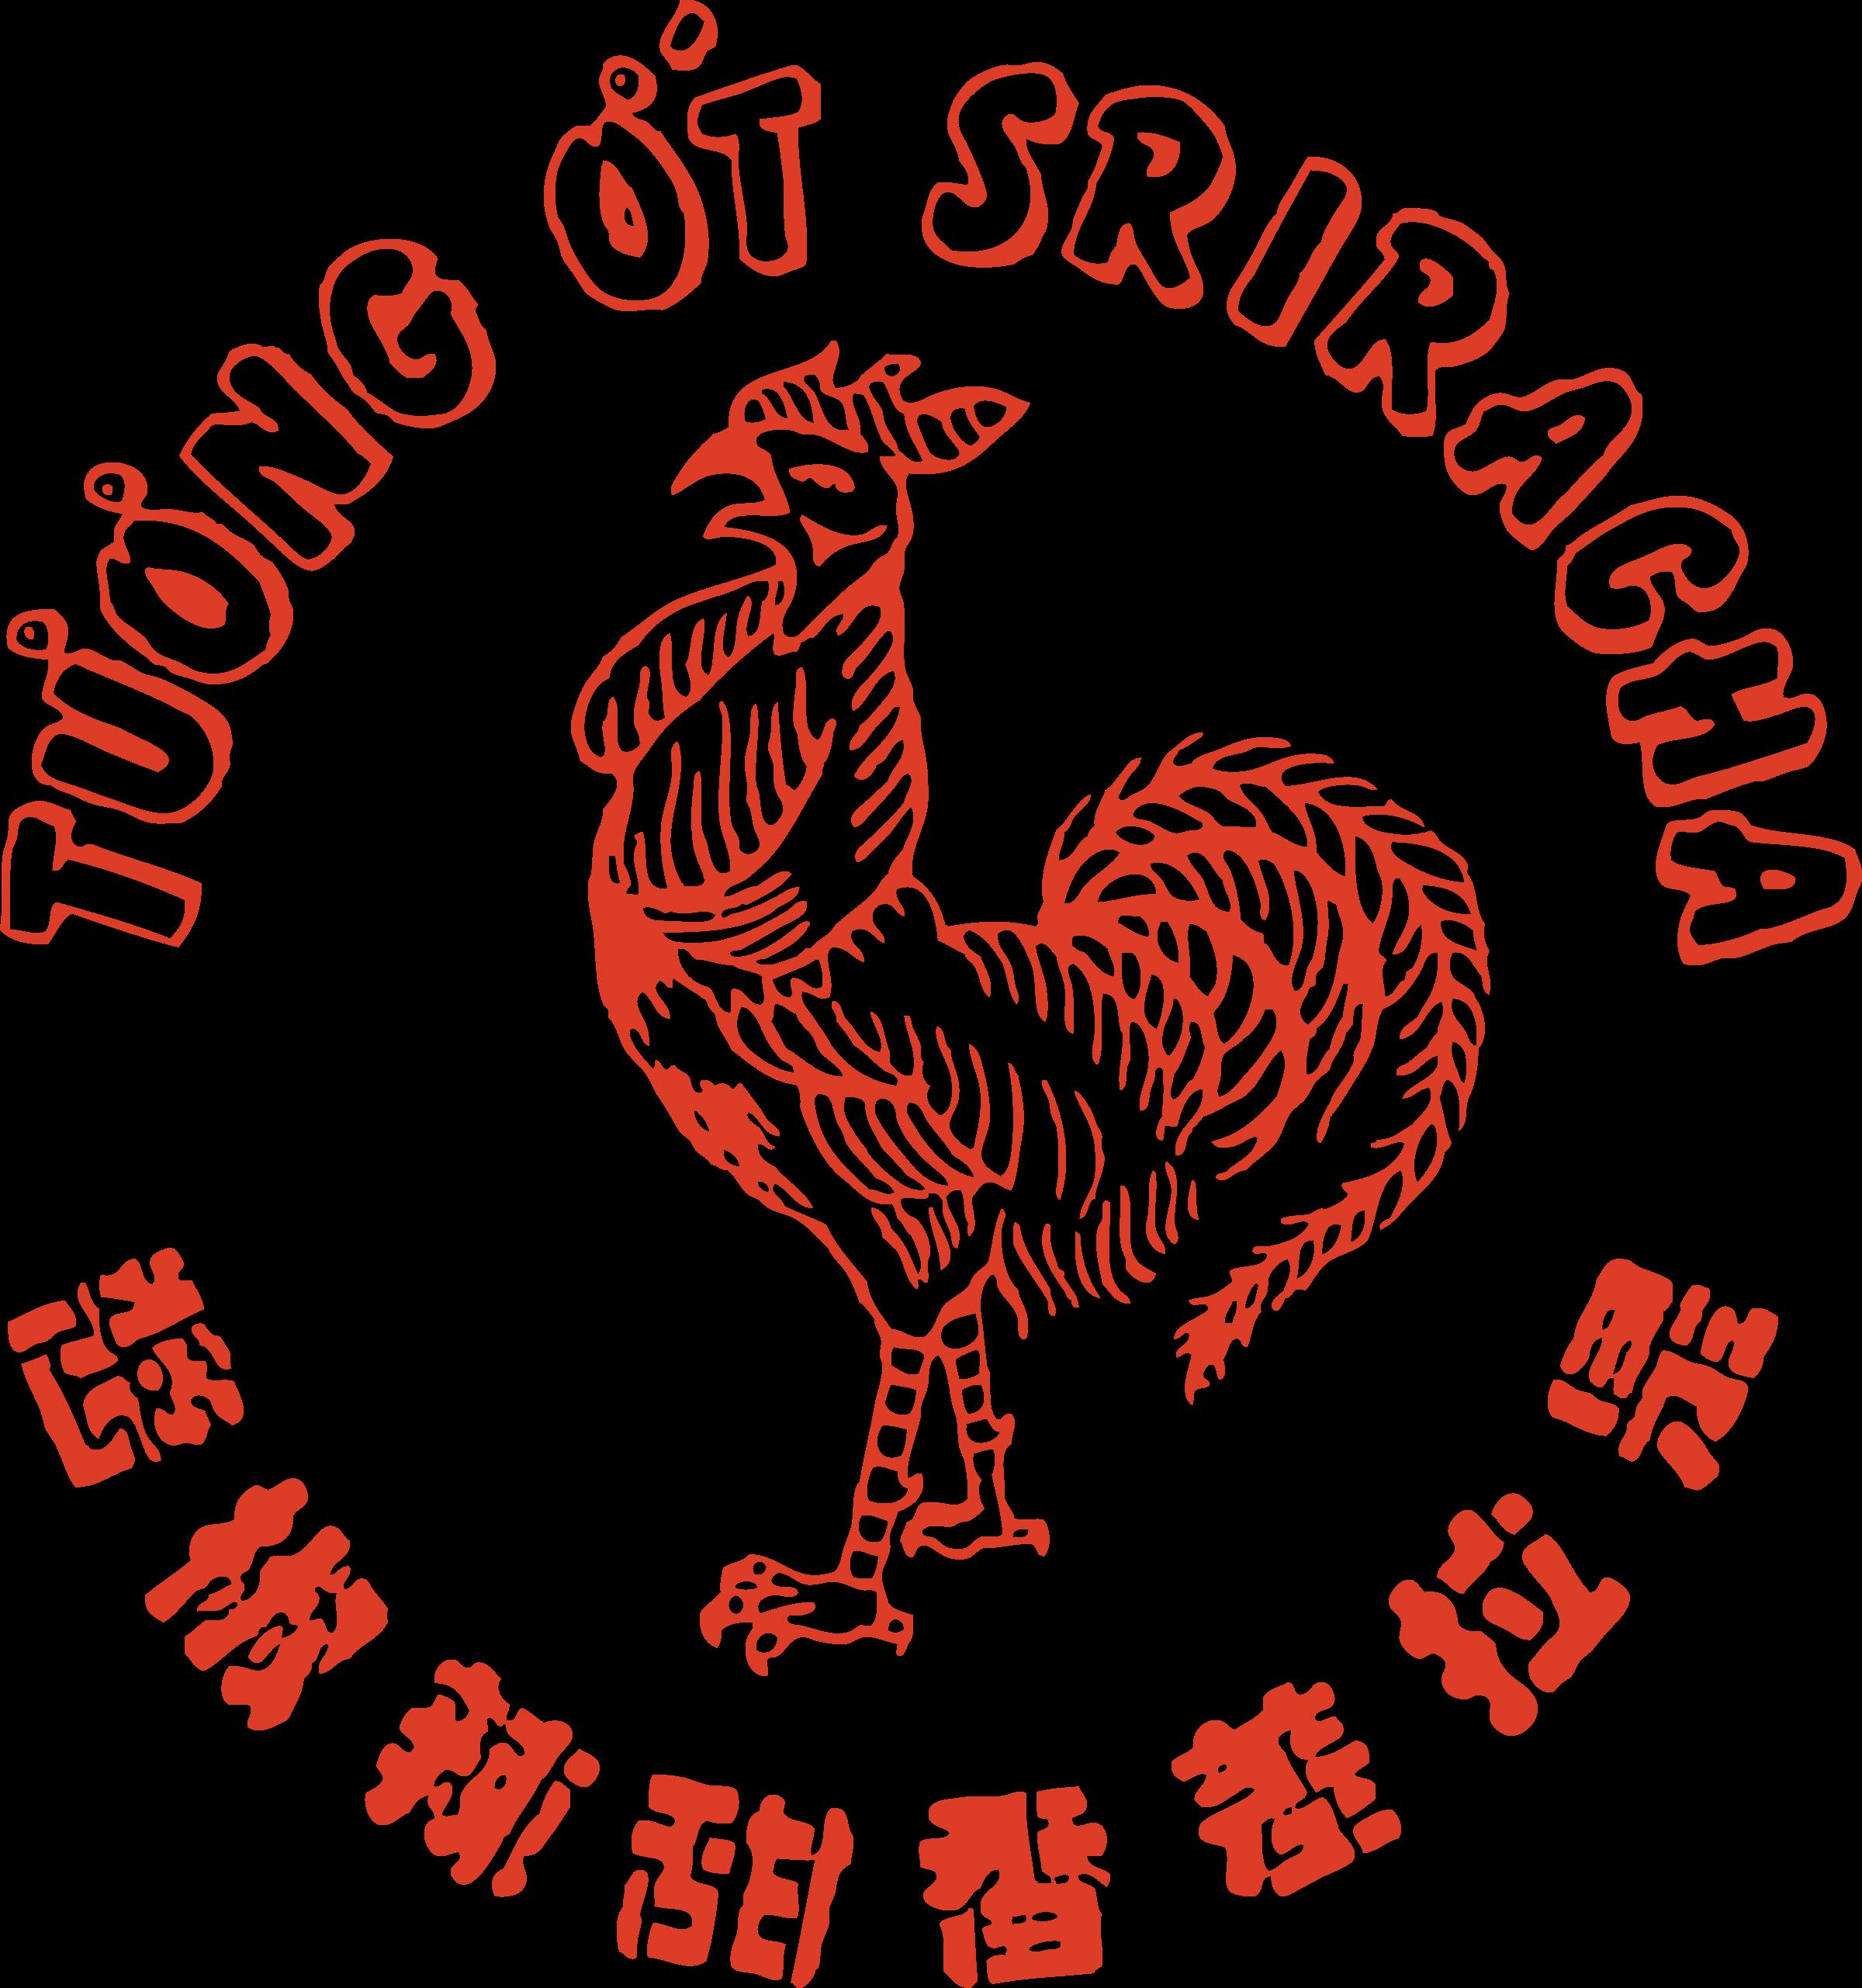 sriracha-sauce-logo-png-transparent.png